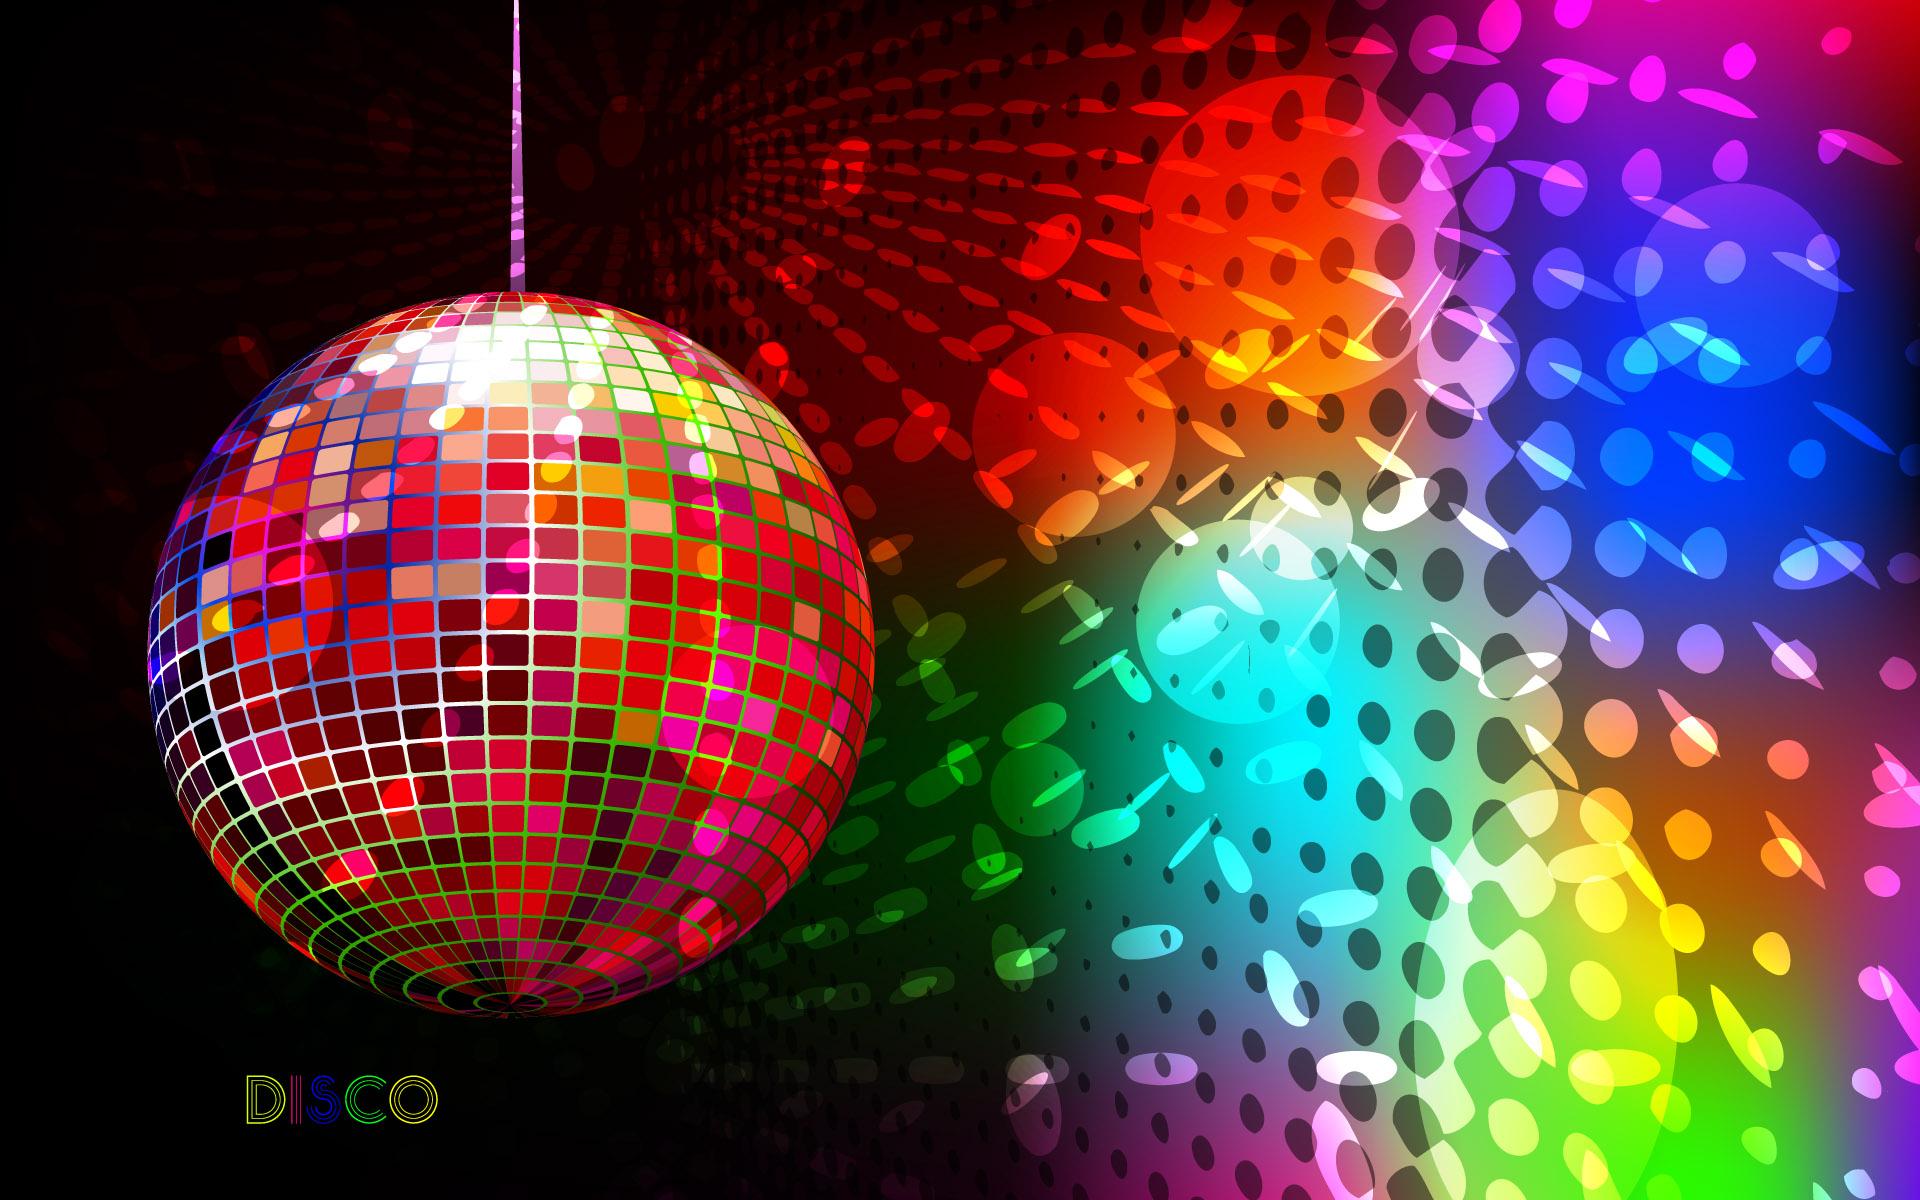 Kom discozwemmen op vrijdag 20 juni